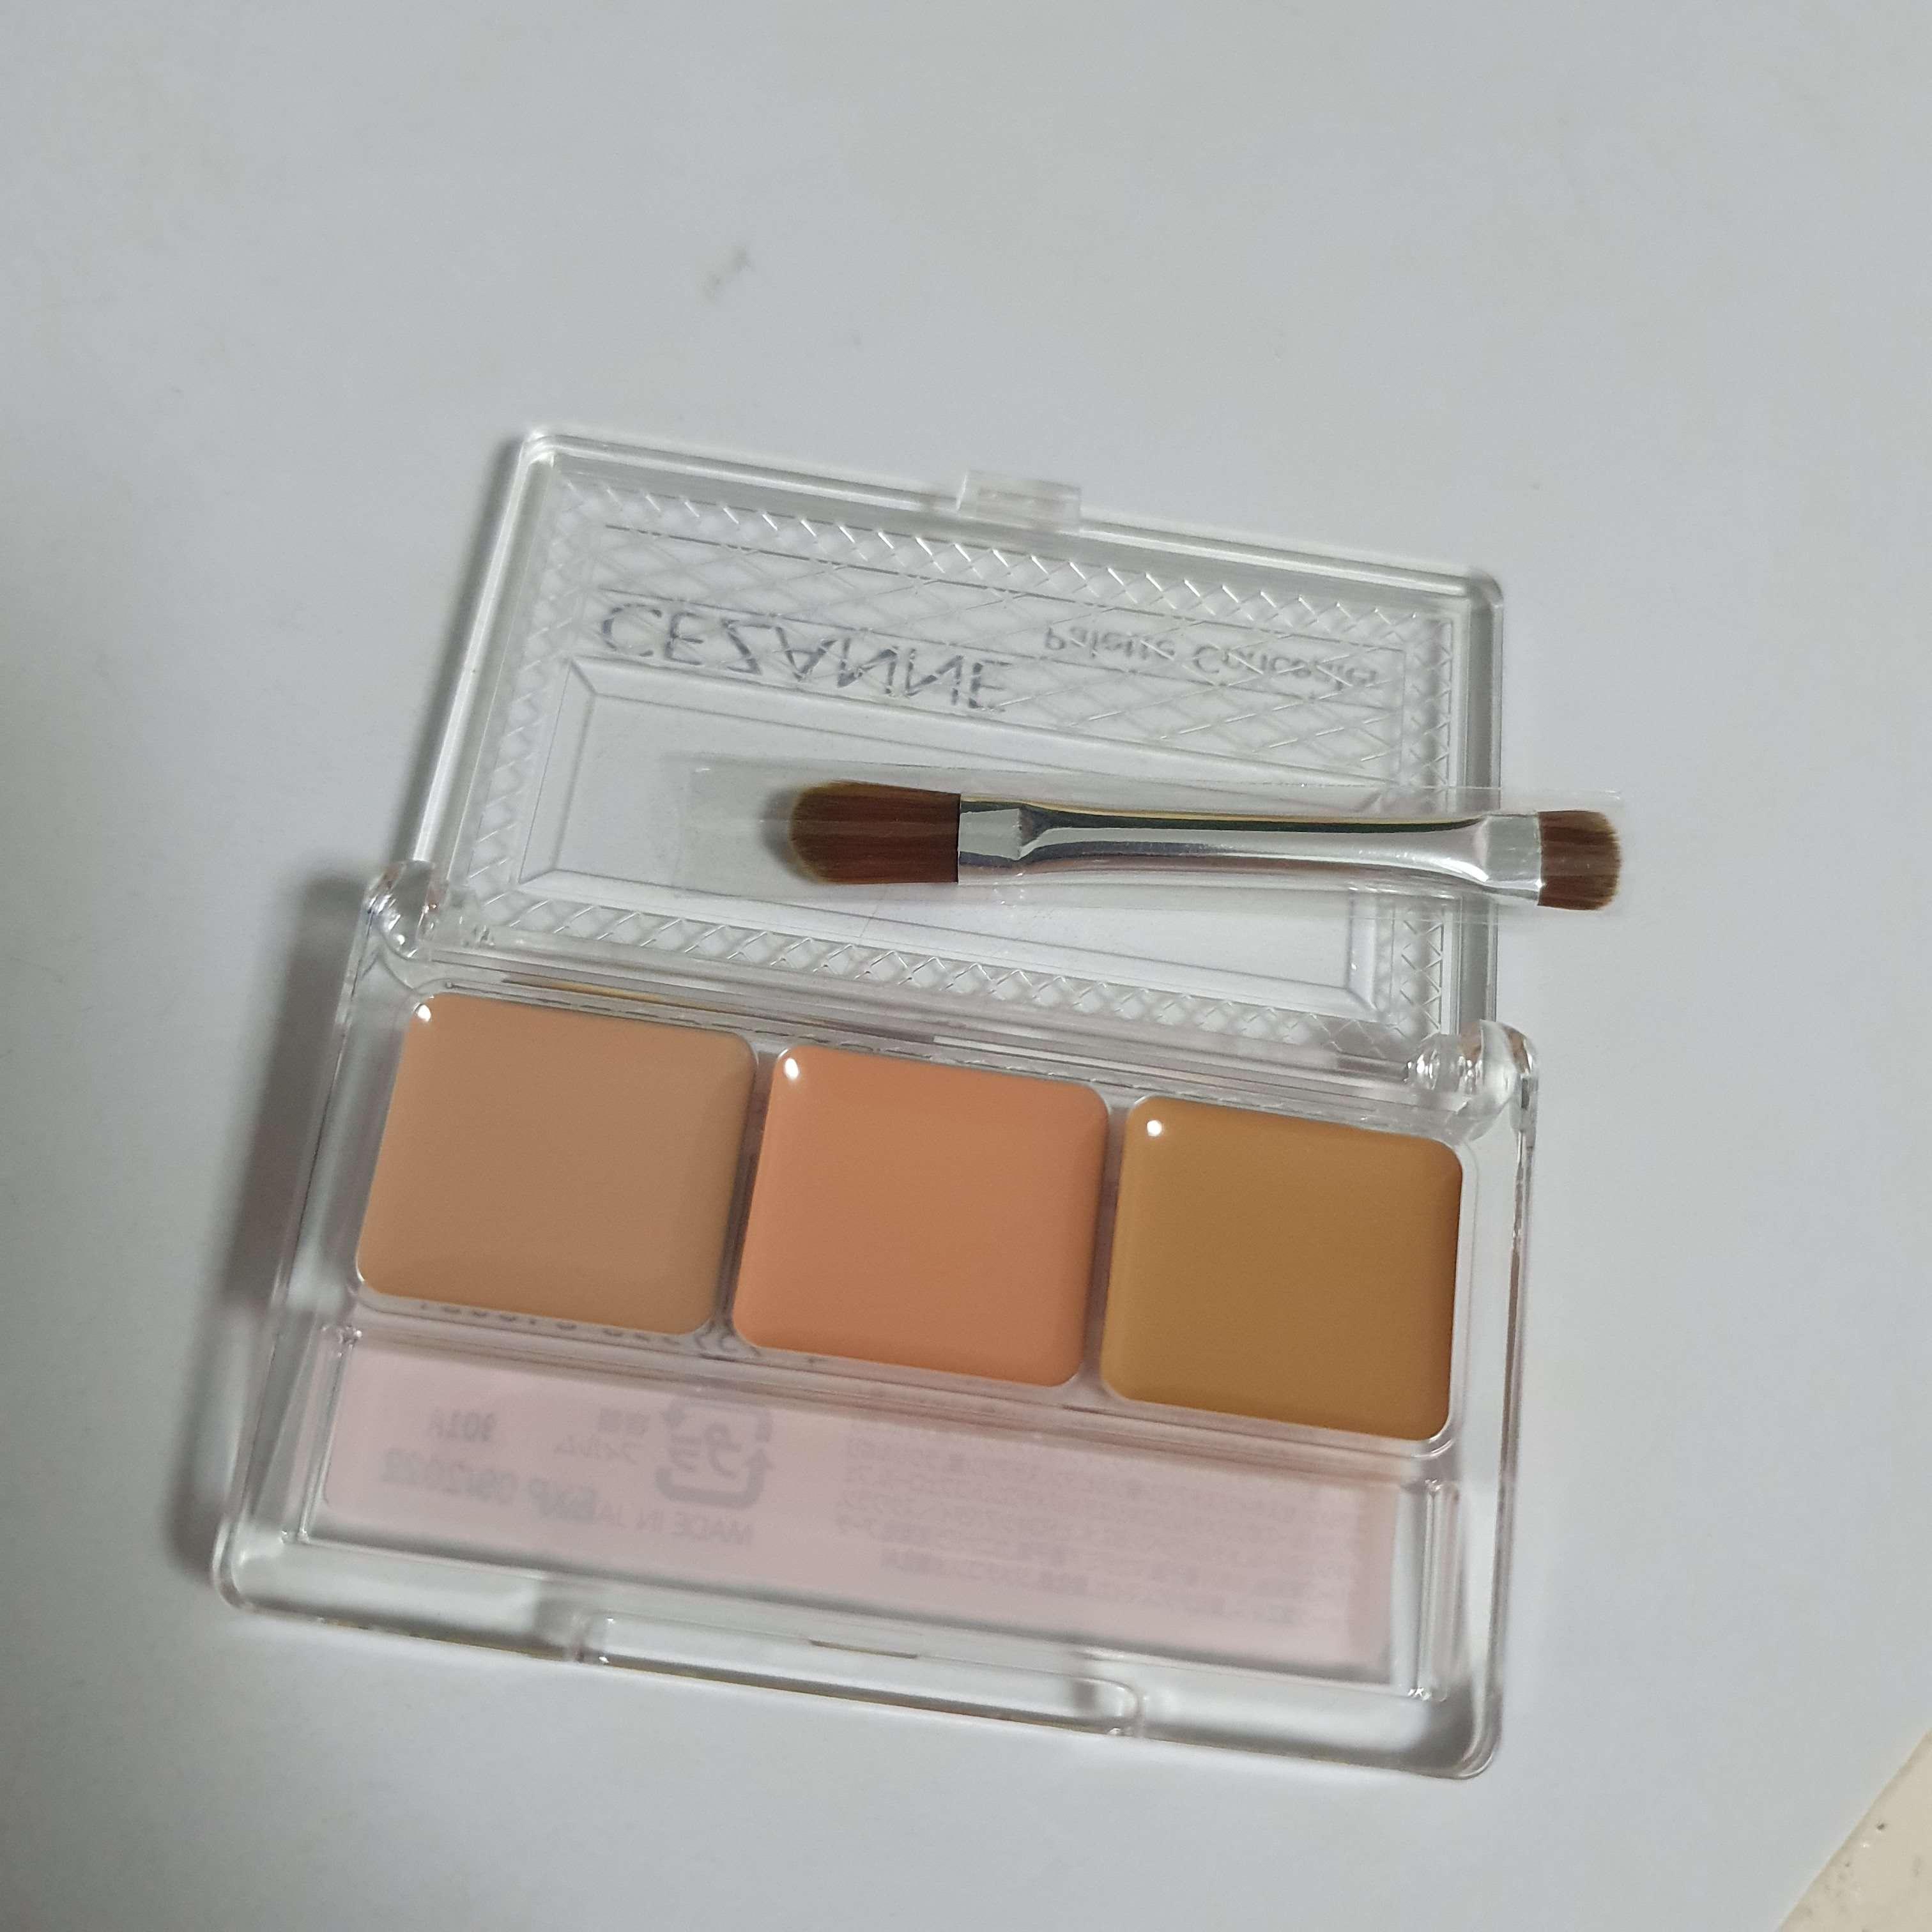 Cezanne Palette Concealer | Shopee Singapore